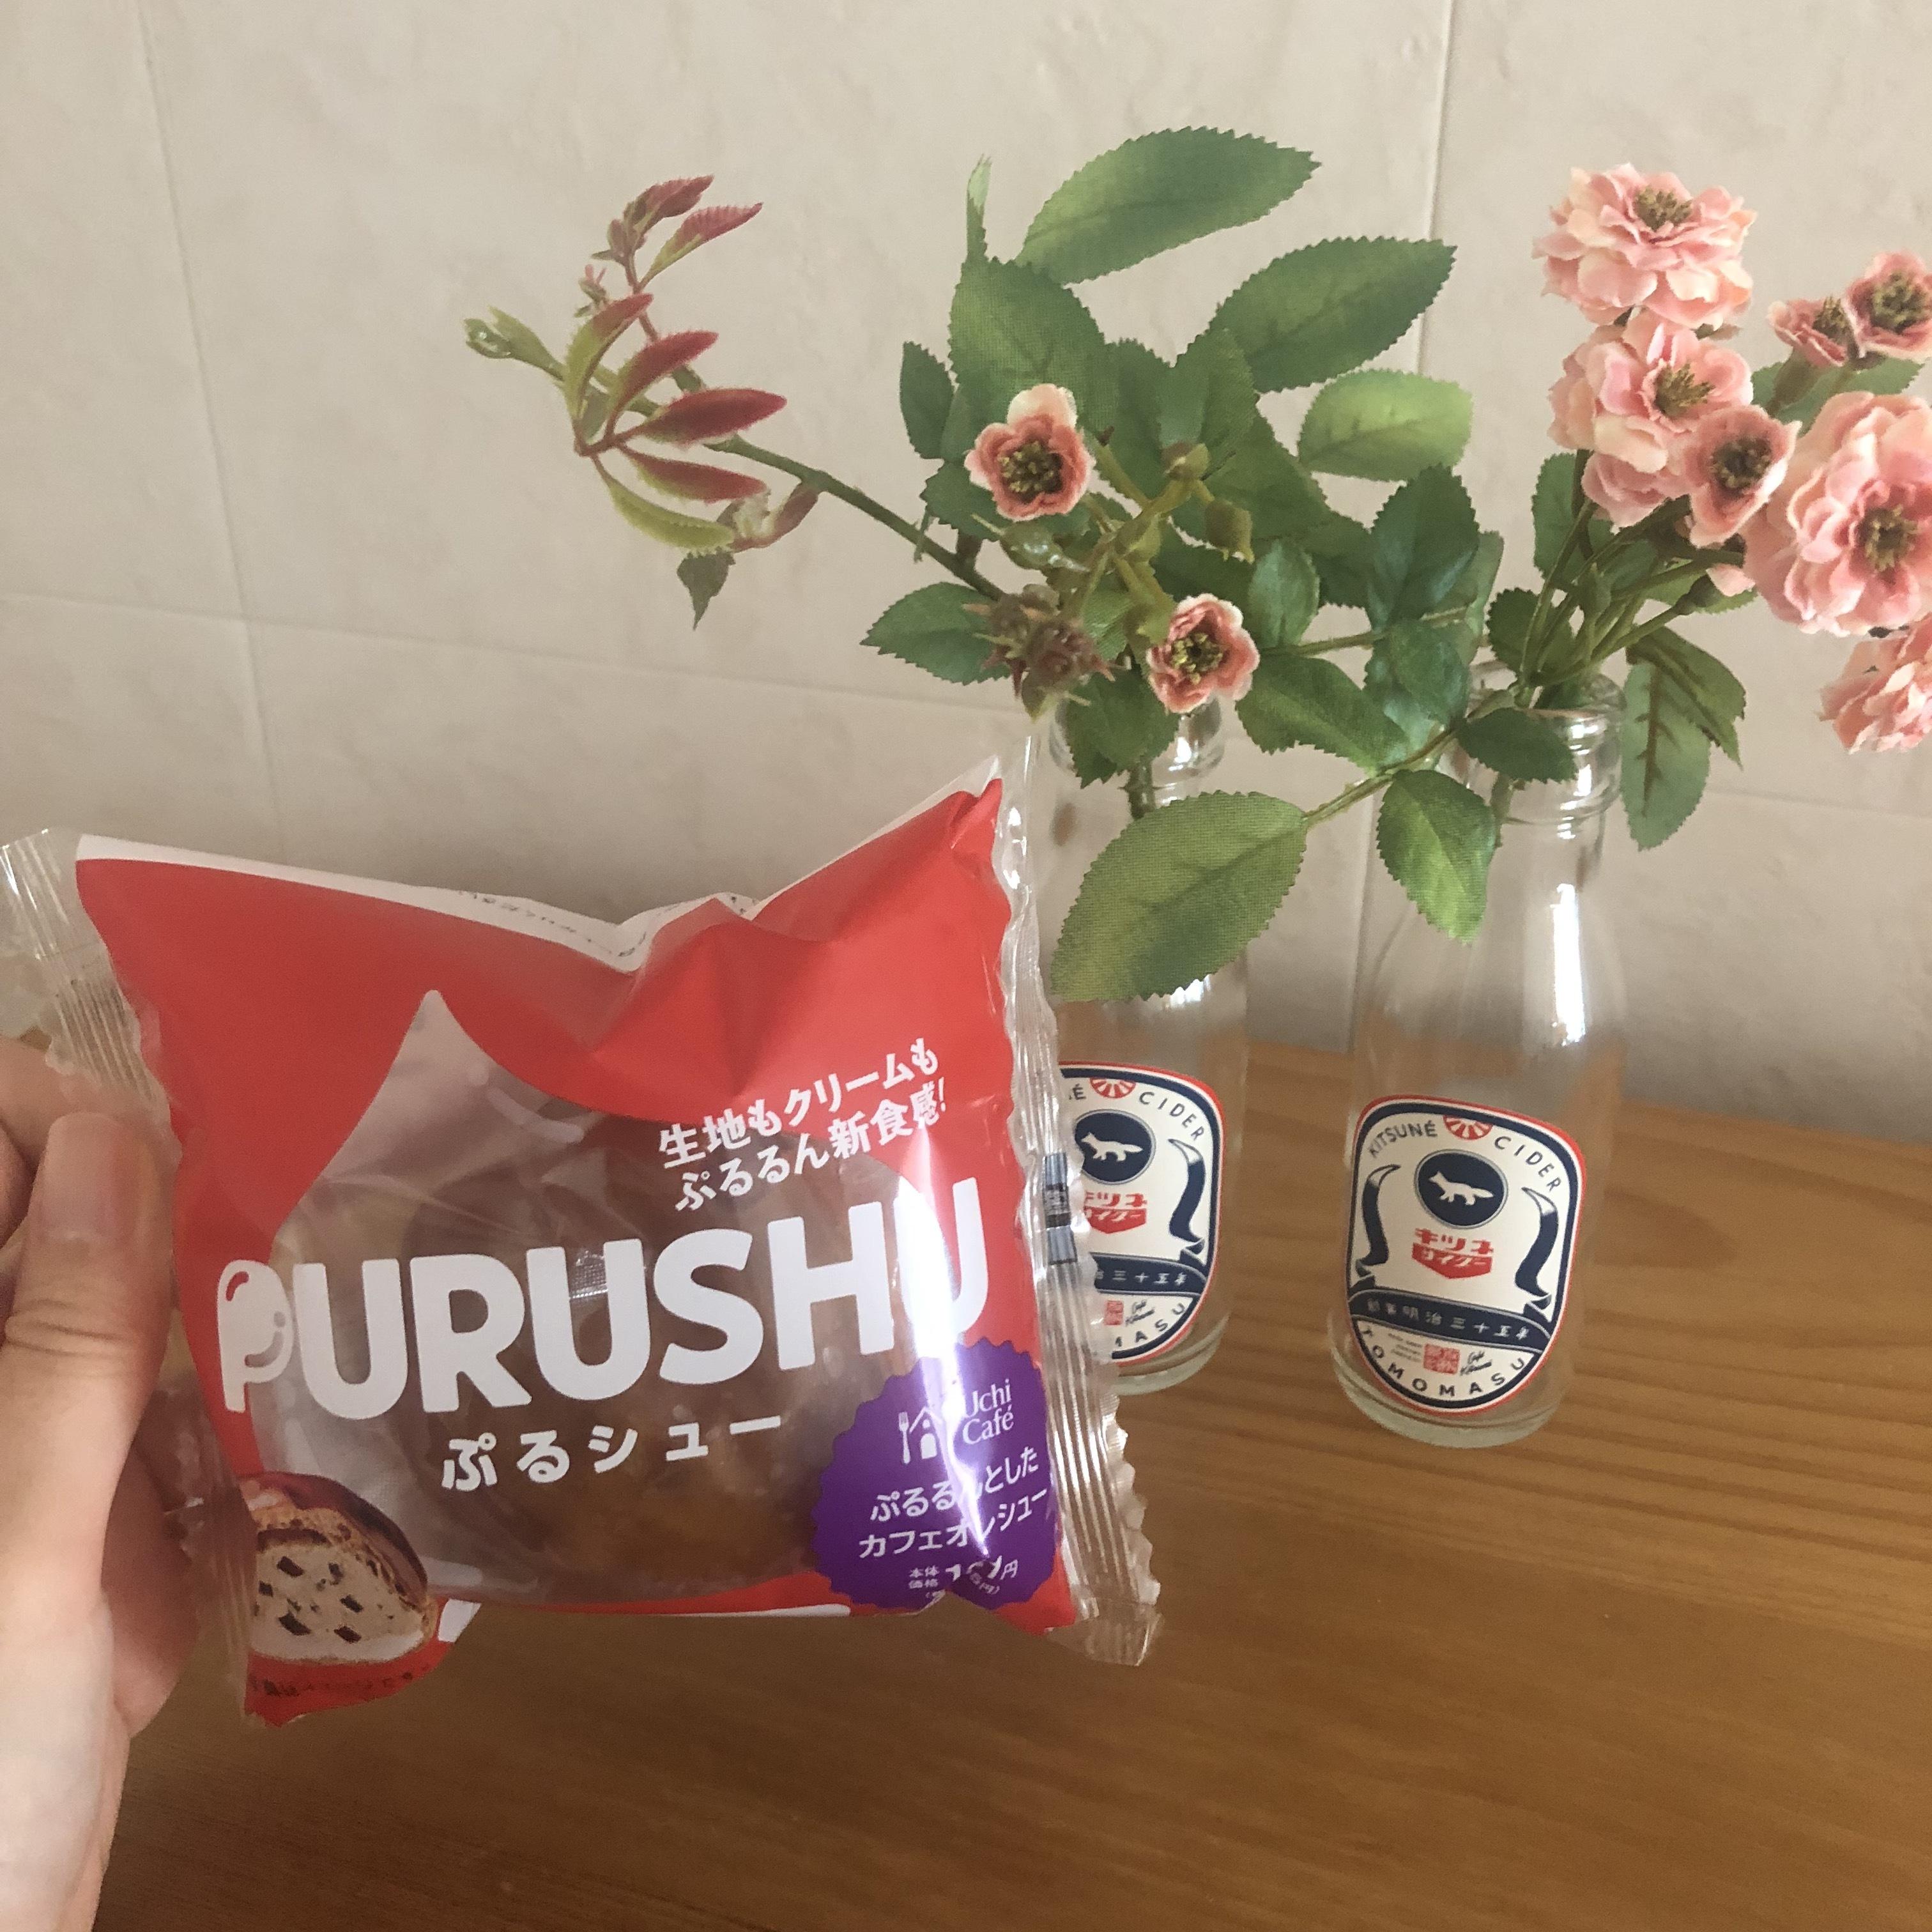 【LAWSON】プルルン新食感シュークリーム!?_1_1-1